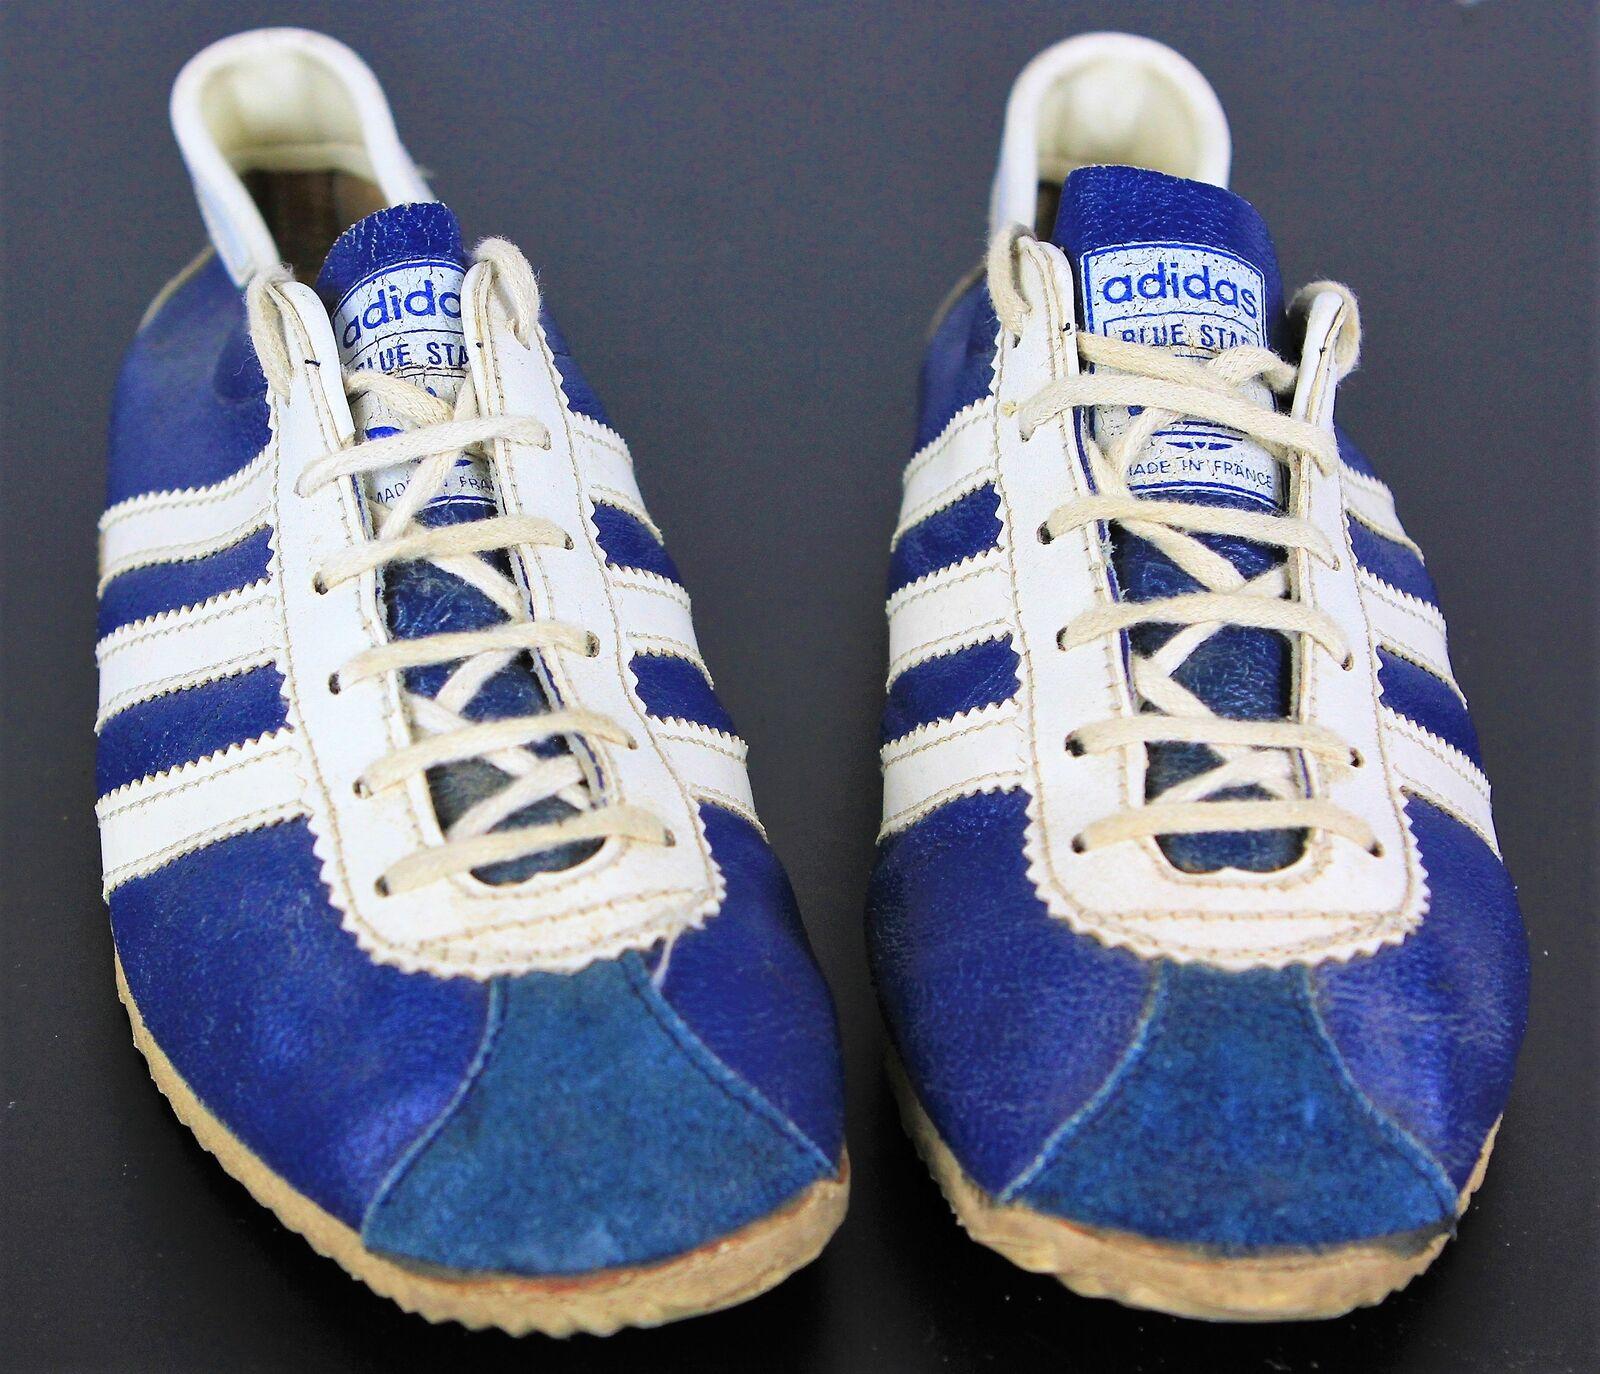 Vintage Adidas bluee Strike Trainers 244 P